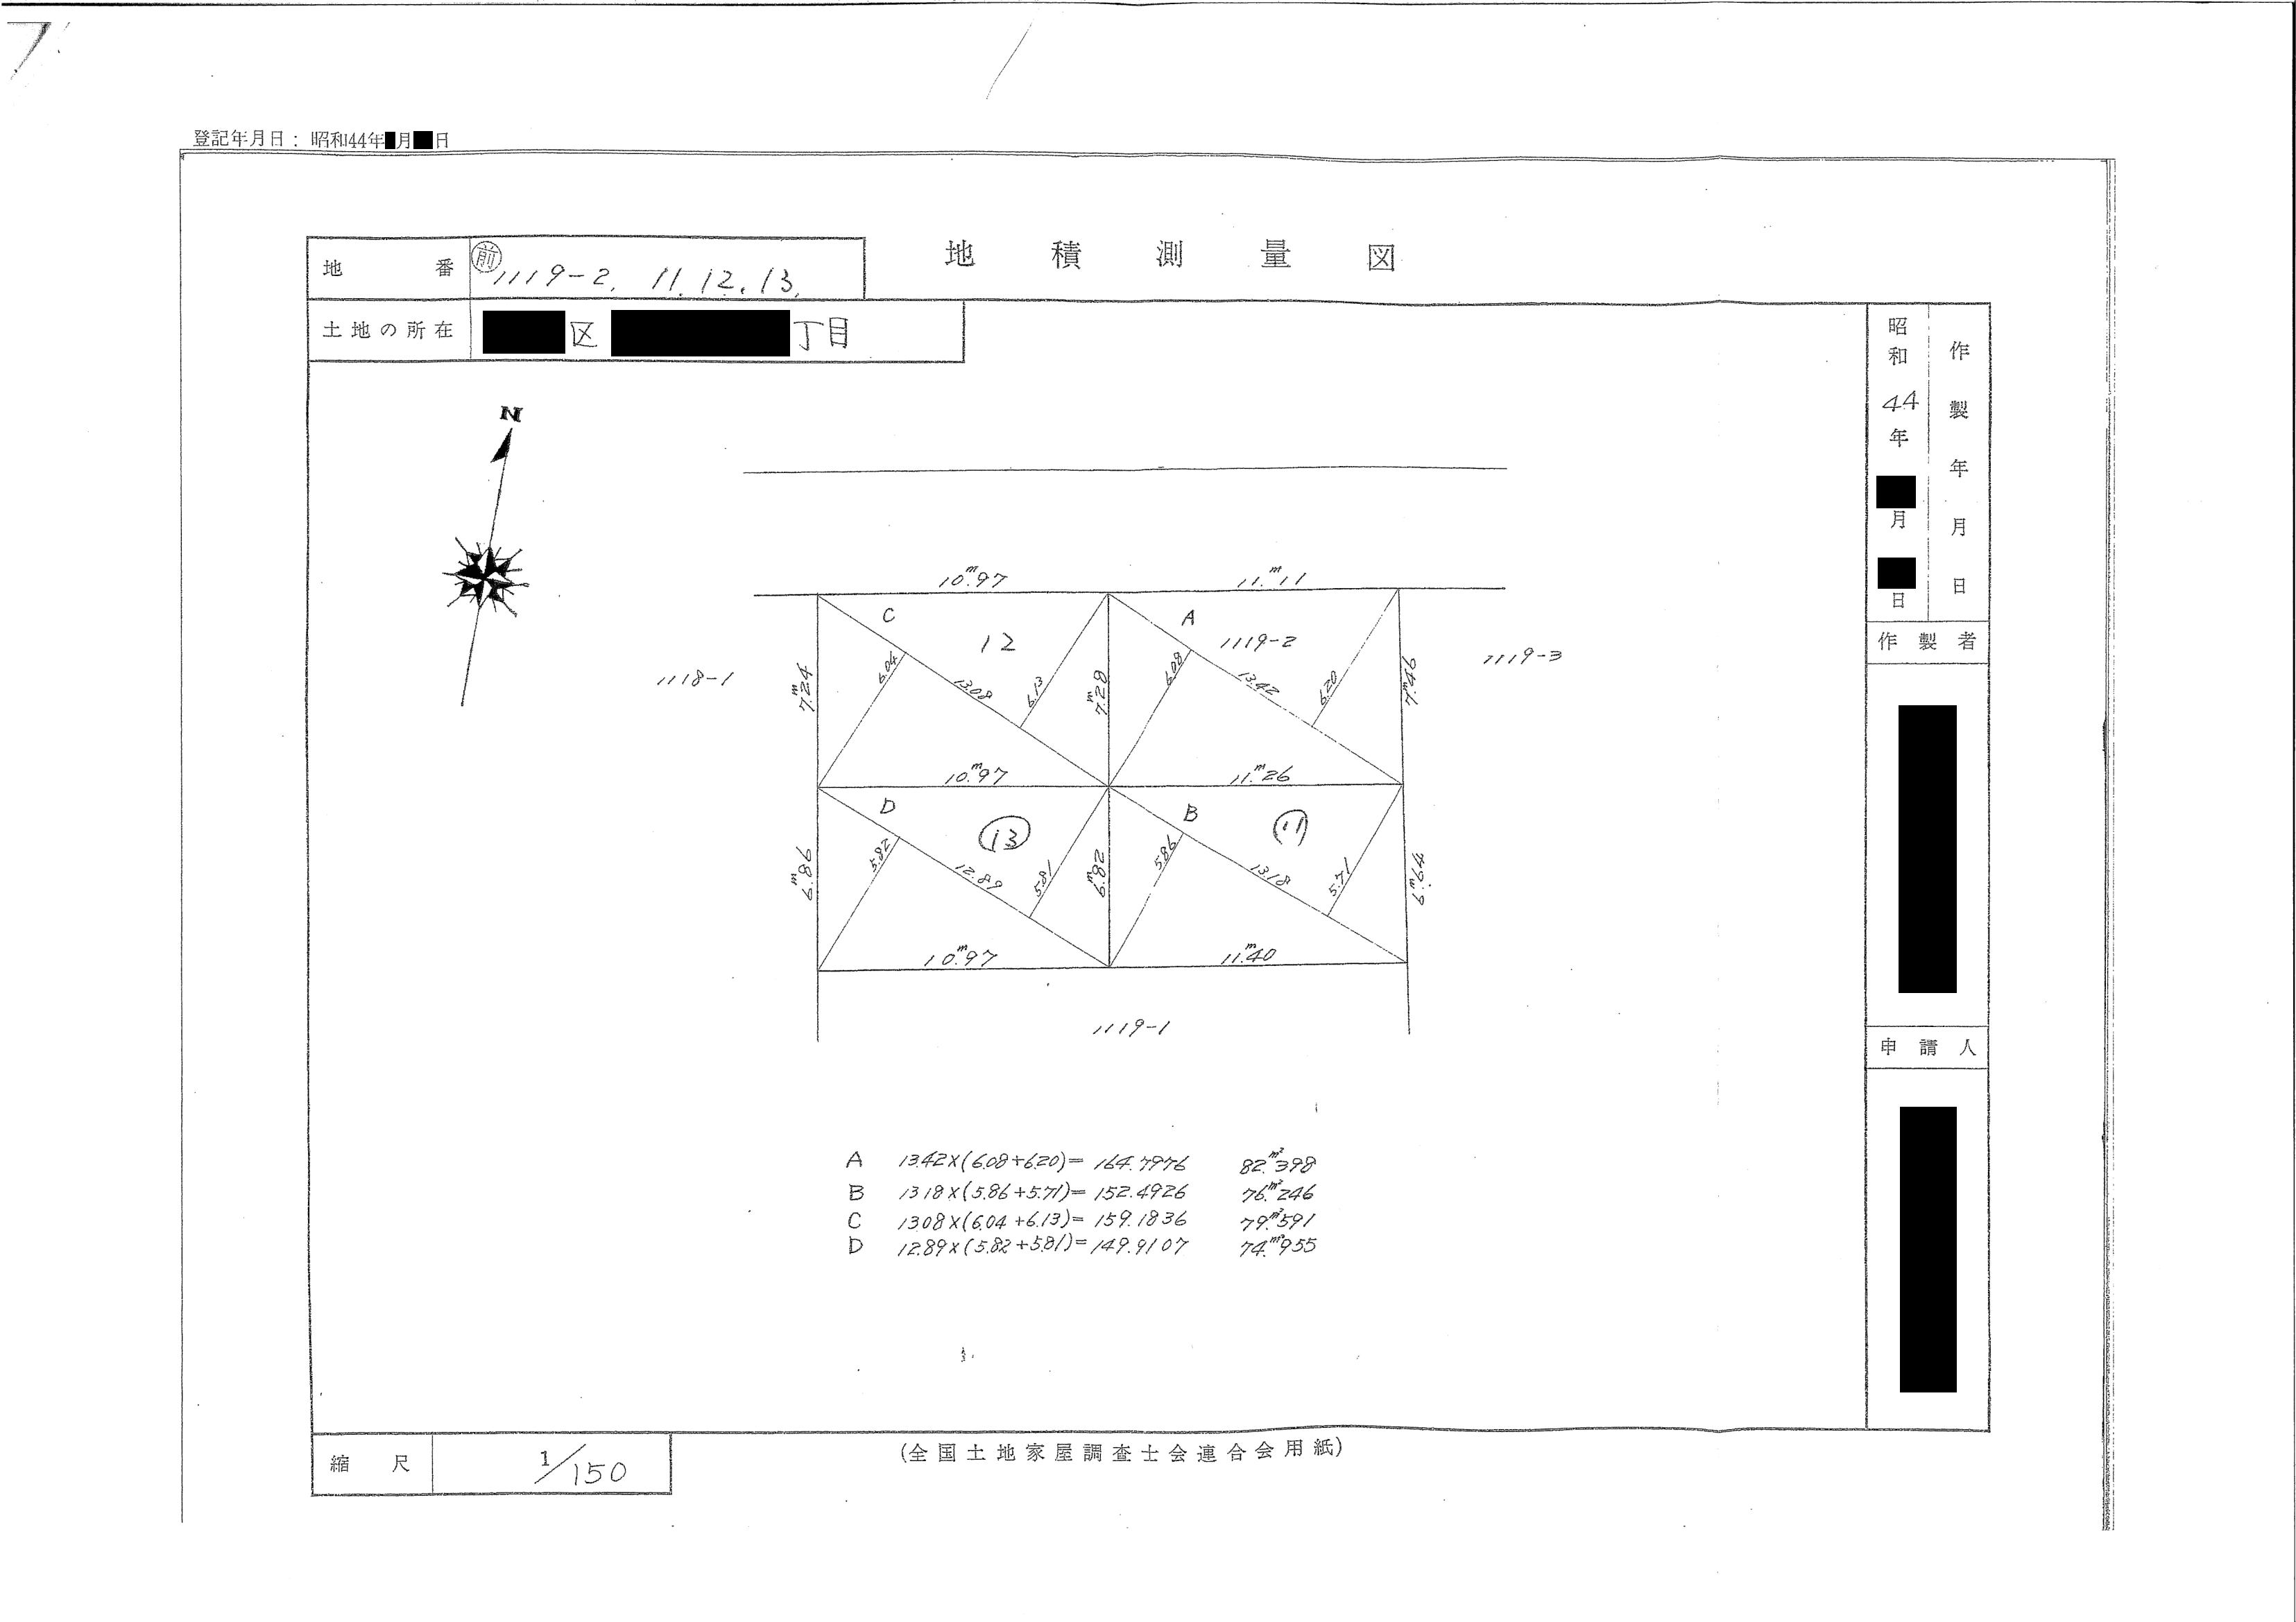 昭和44年の地積測量図